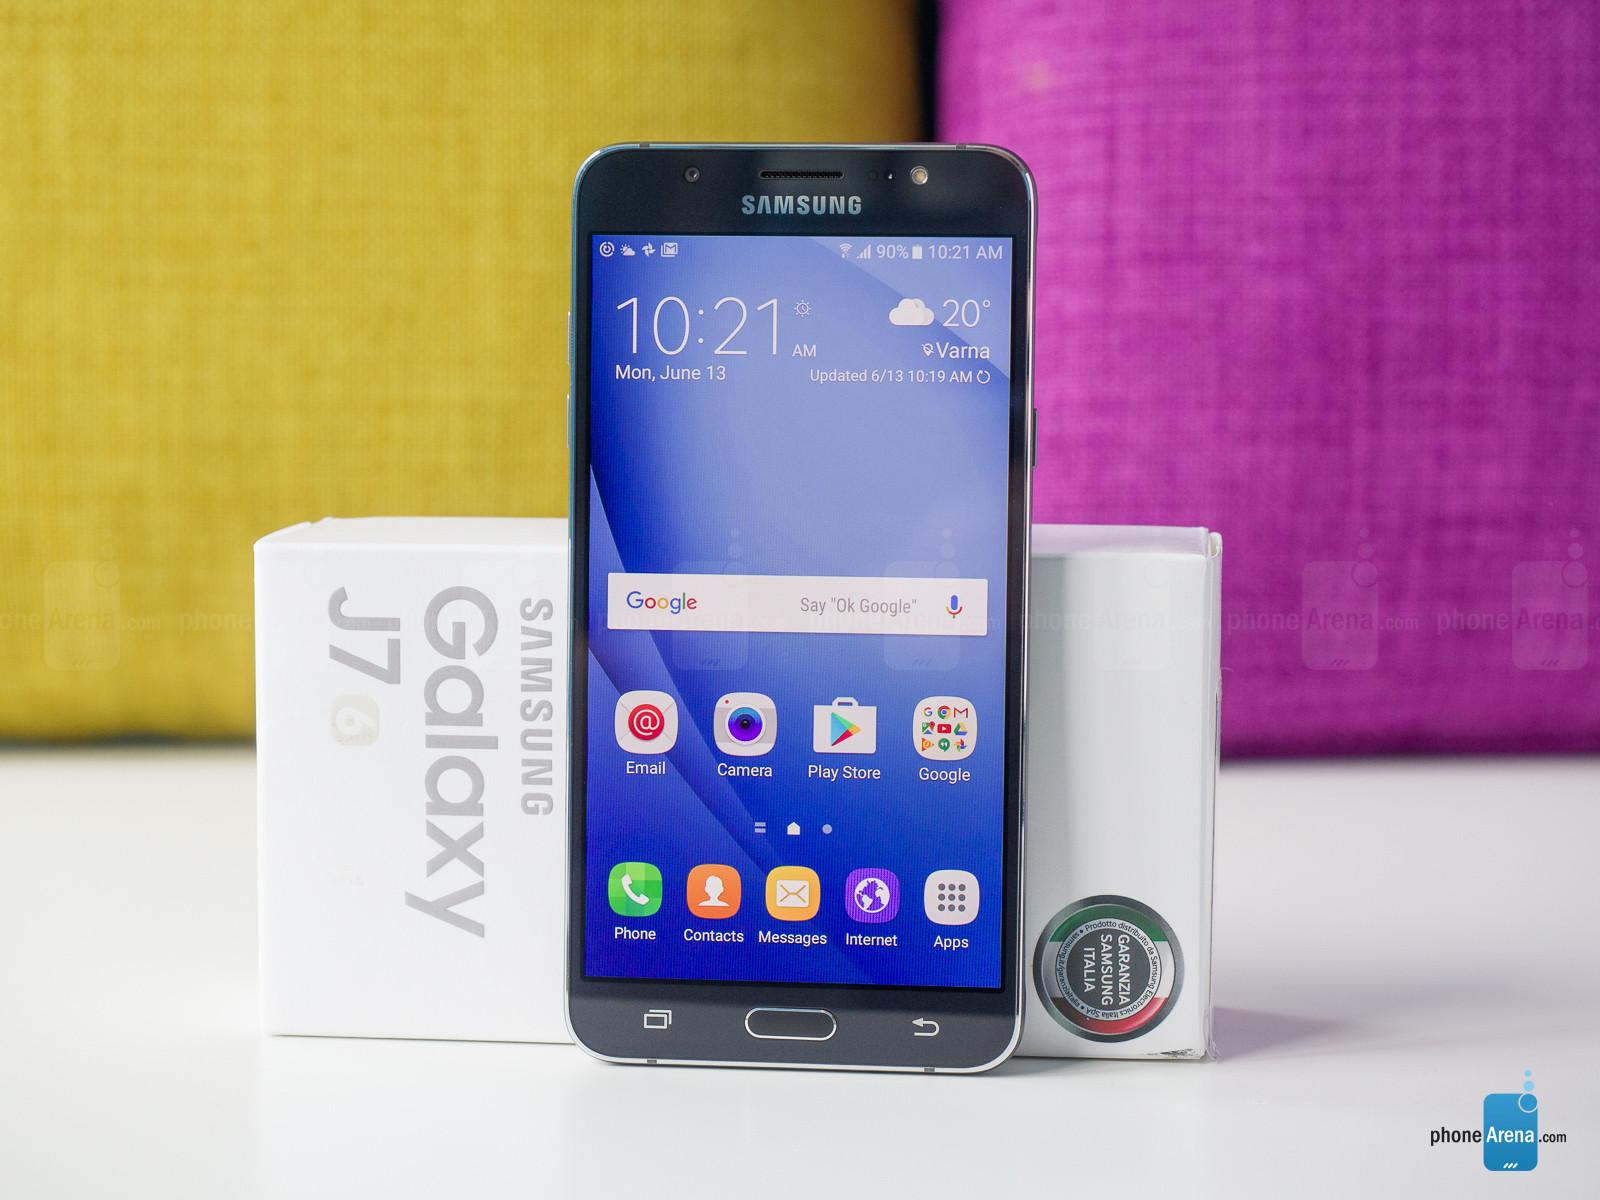 Come eseguire il root di Samsung Galaxy J7 SM-J700M, SM-J710M, J7 SM-J700H e SM-J700F [facile e veloce] 6